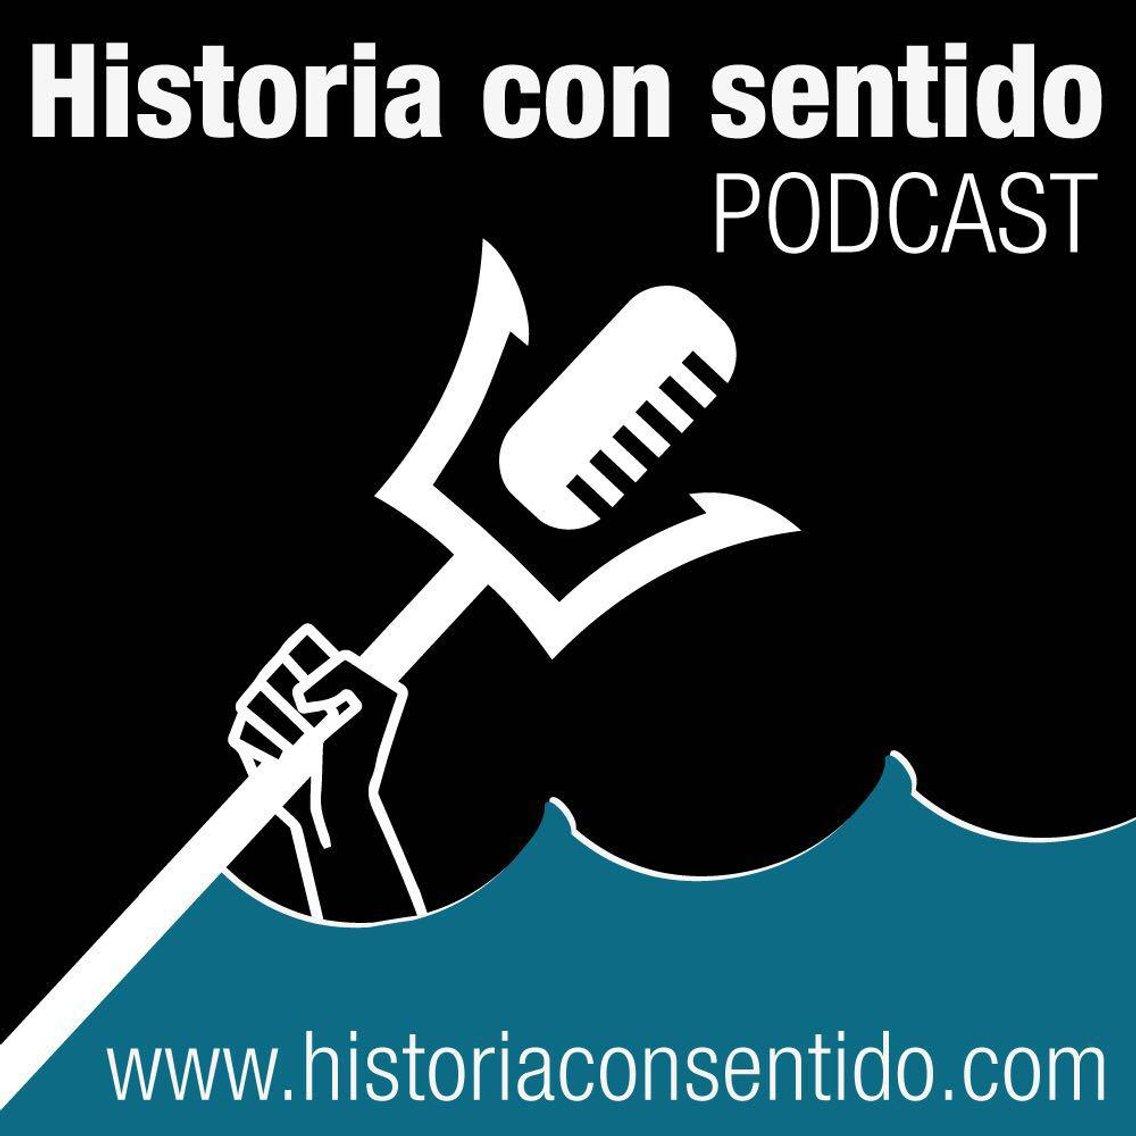 Historia con sentido Podcast - immagine di copertina